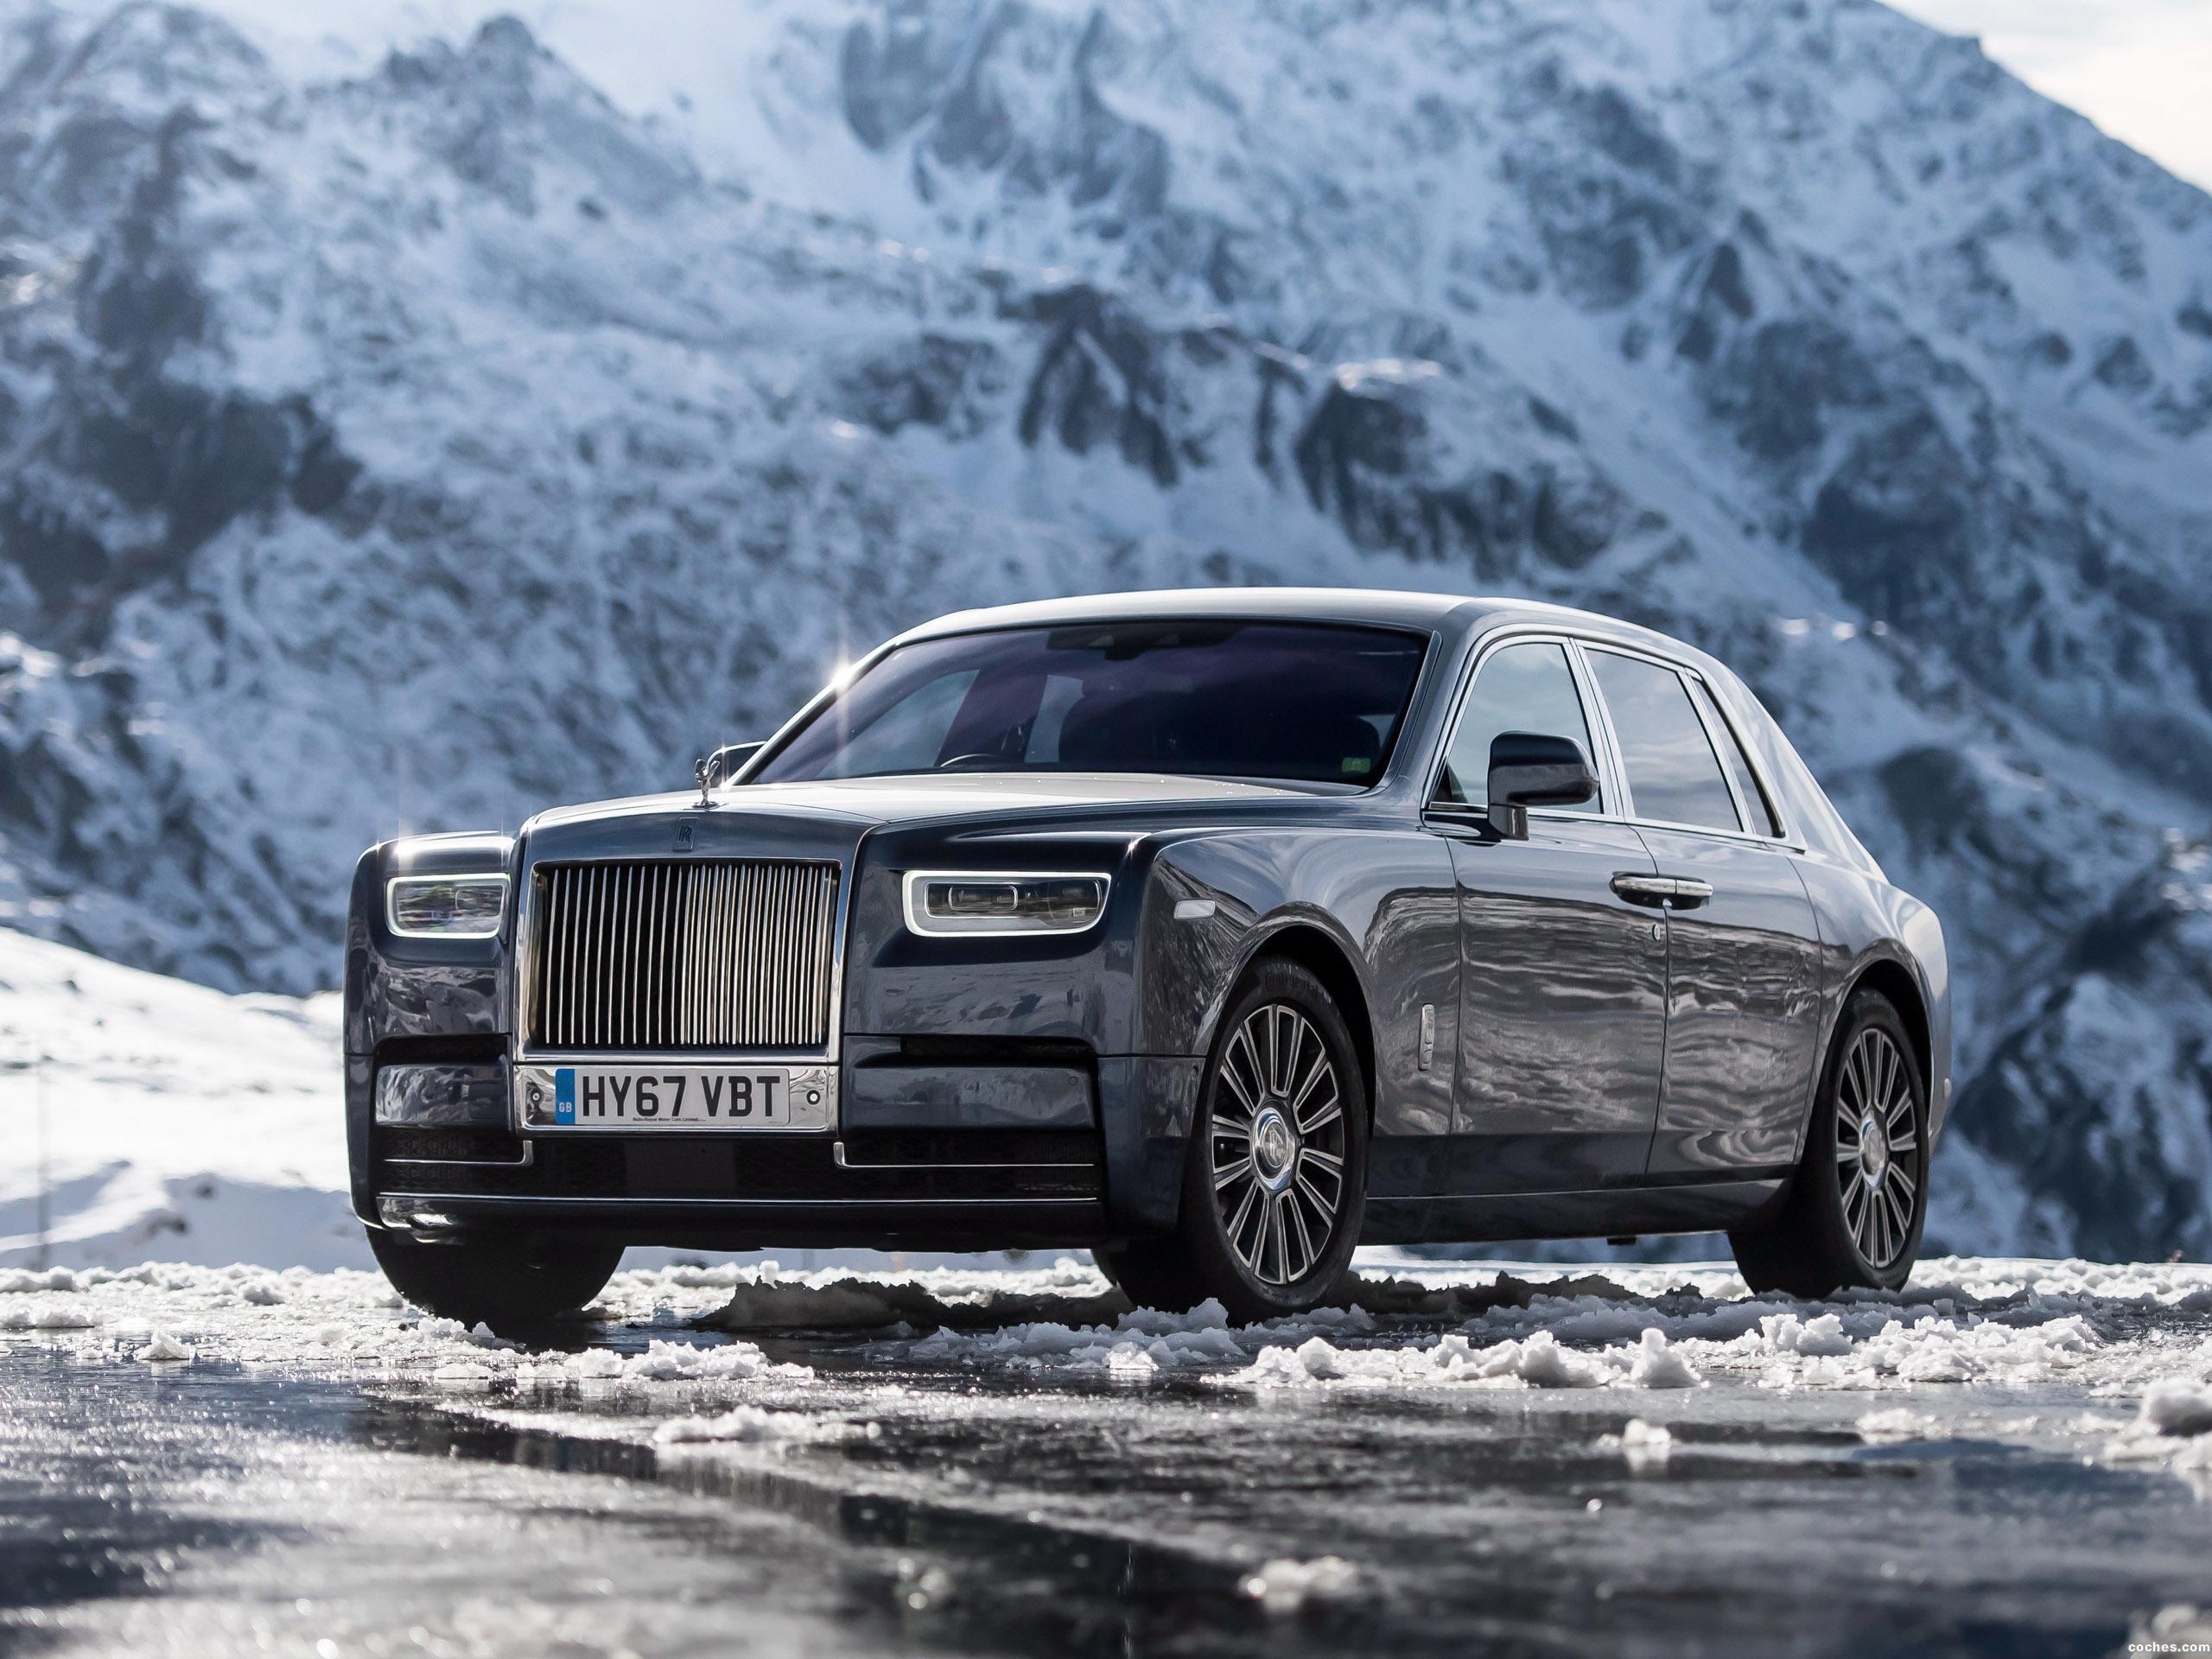 Foto 6 de Rolls Royce Phantom UK 2017 2017